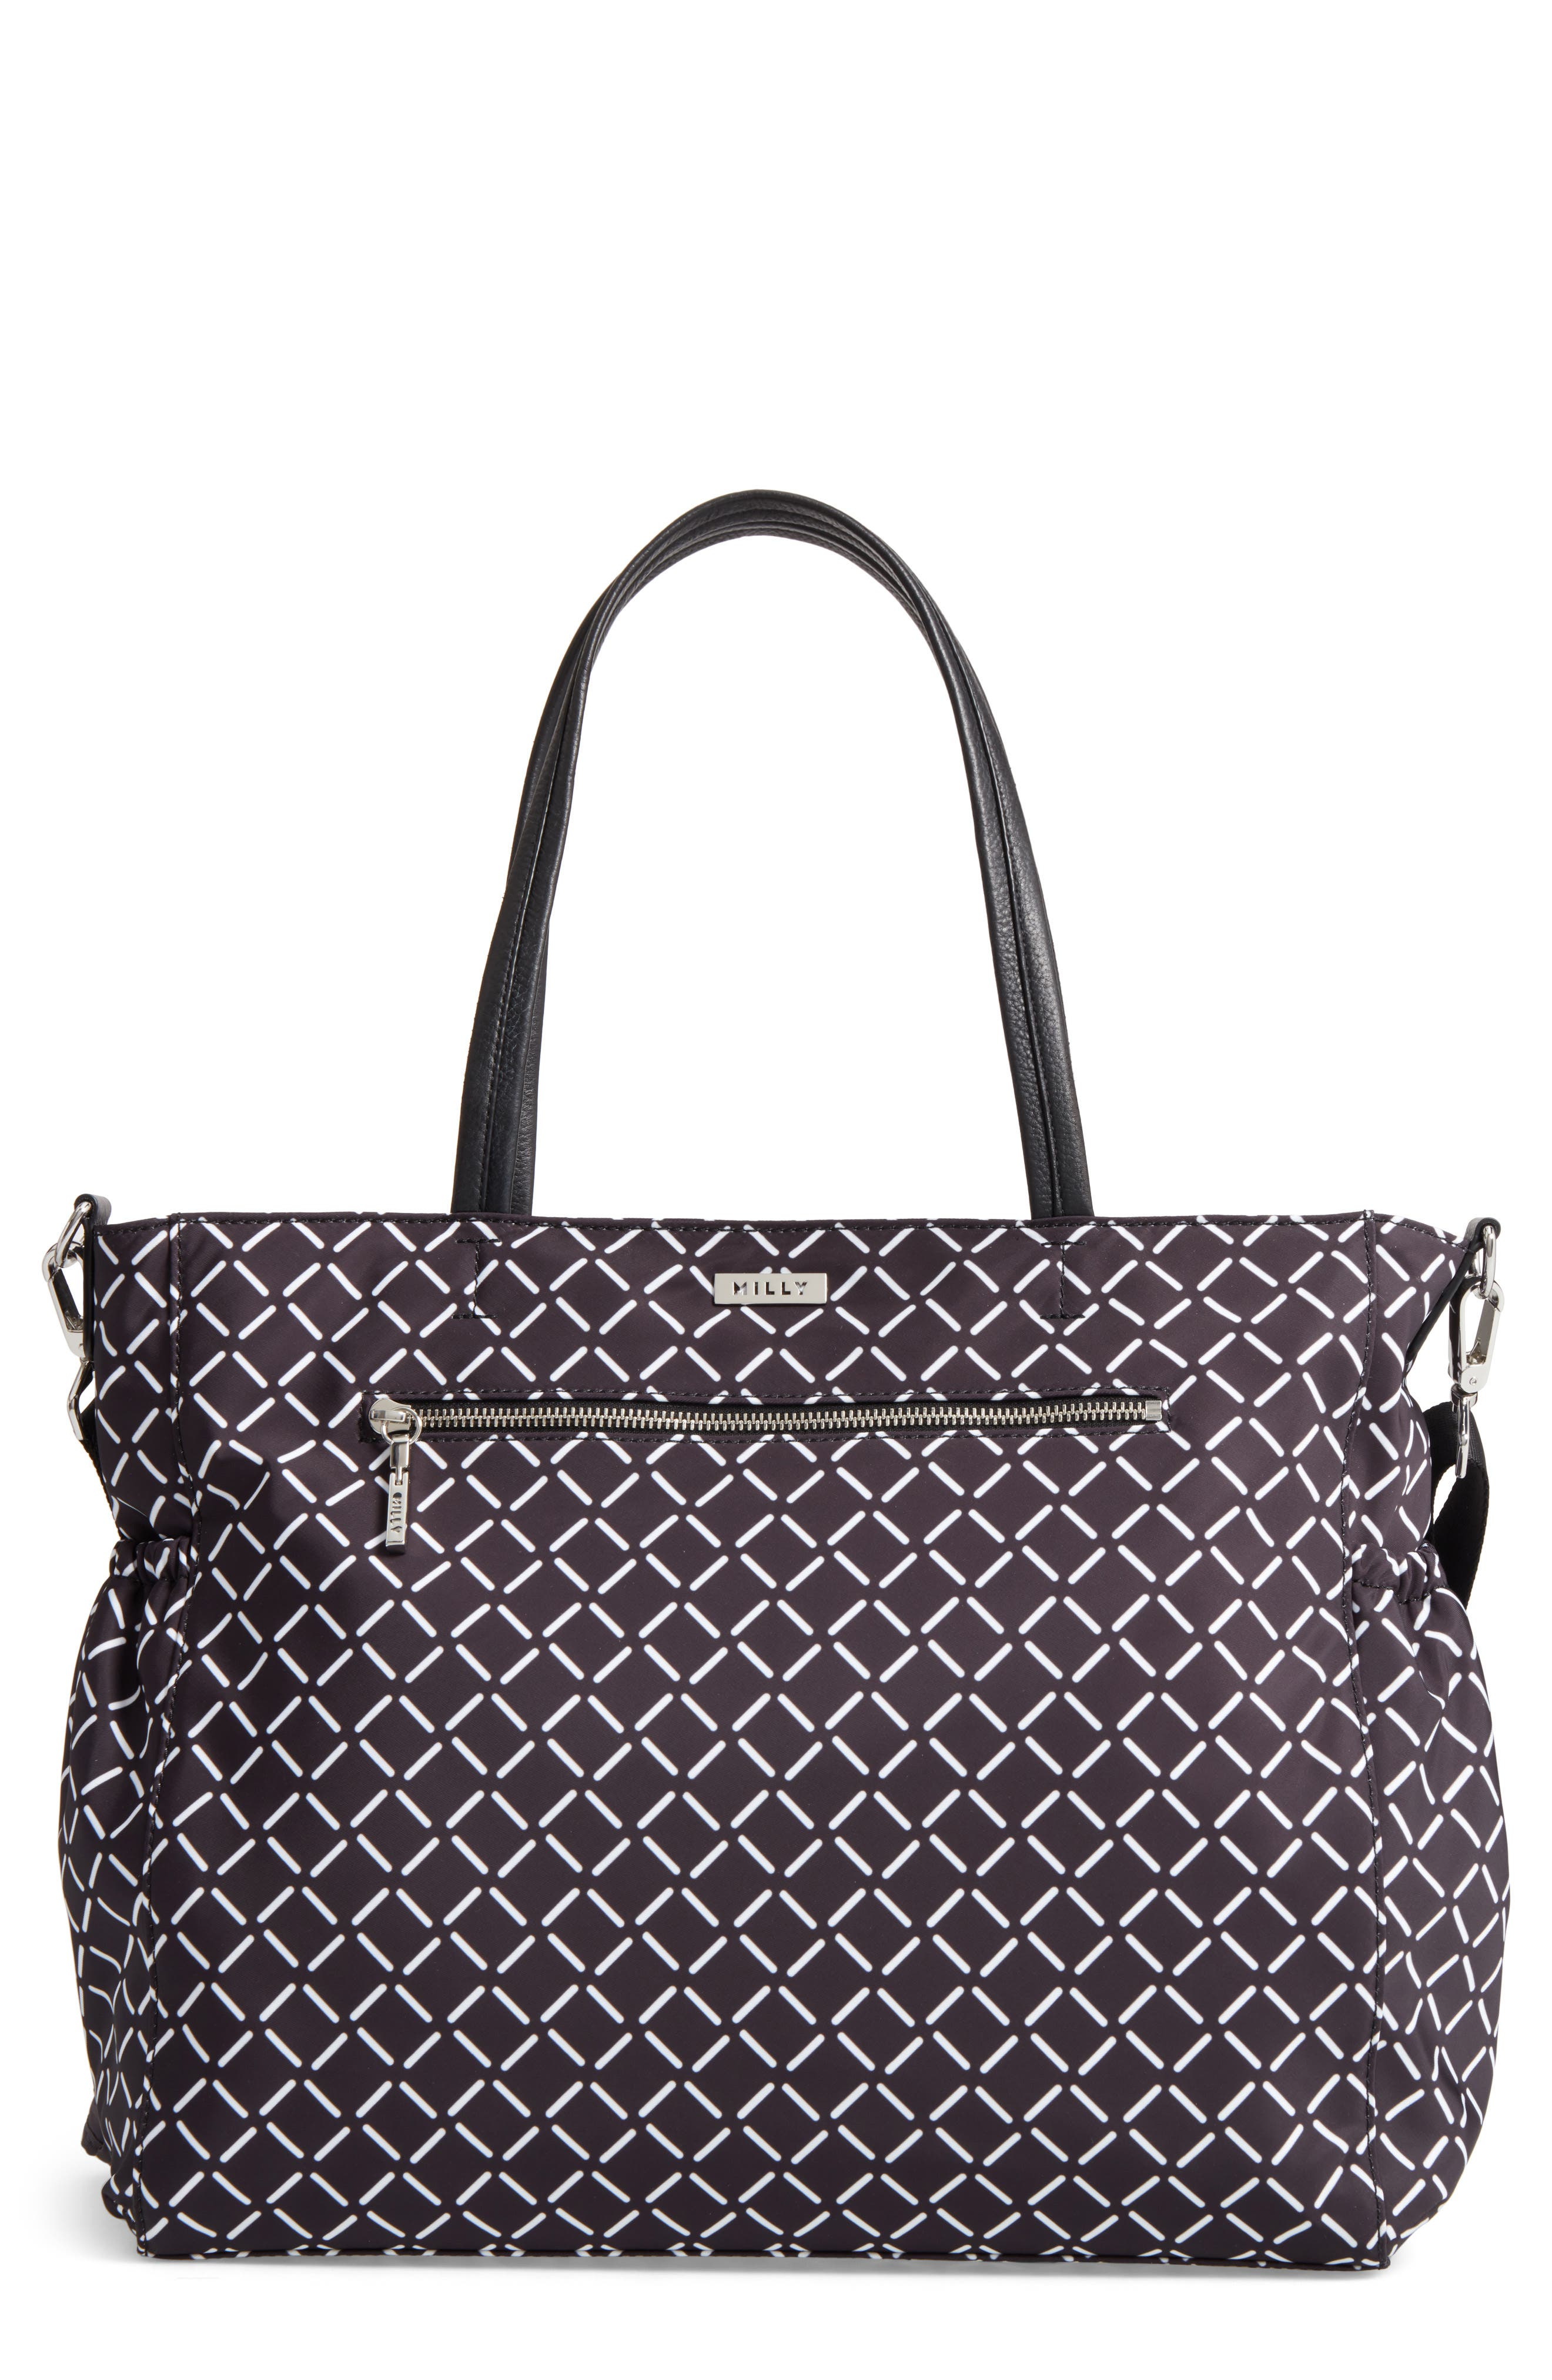 bc6923dd6daf Buy dkny baby bag > OFF66% Discounted